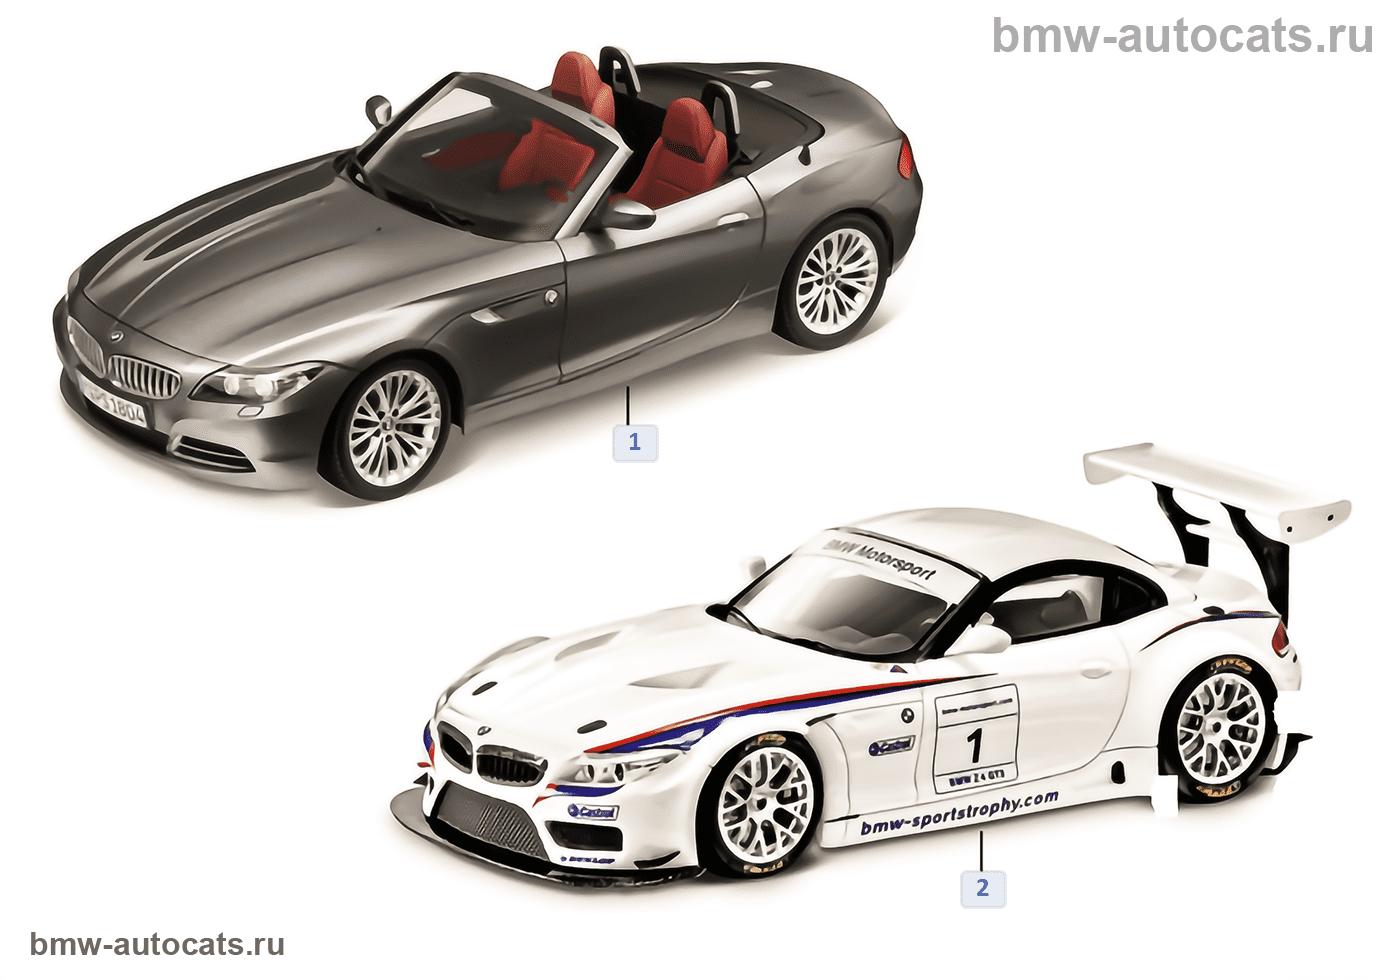 BMW Miniaturen — BMW Z4